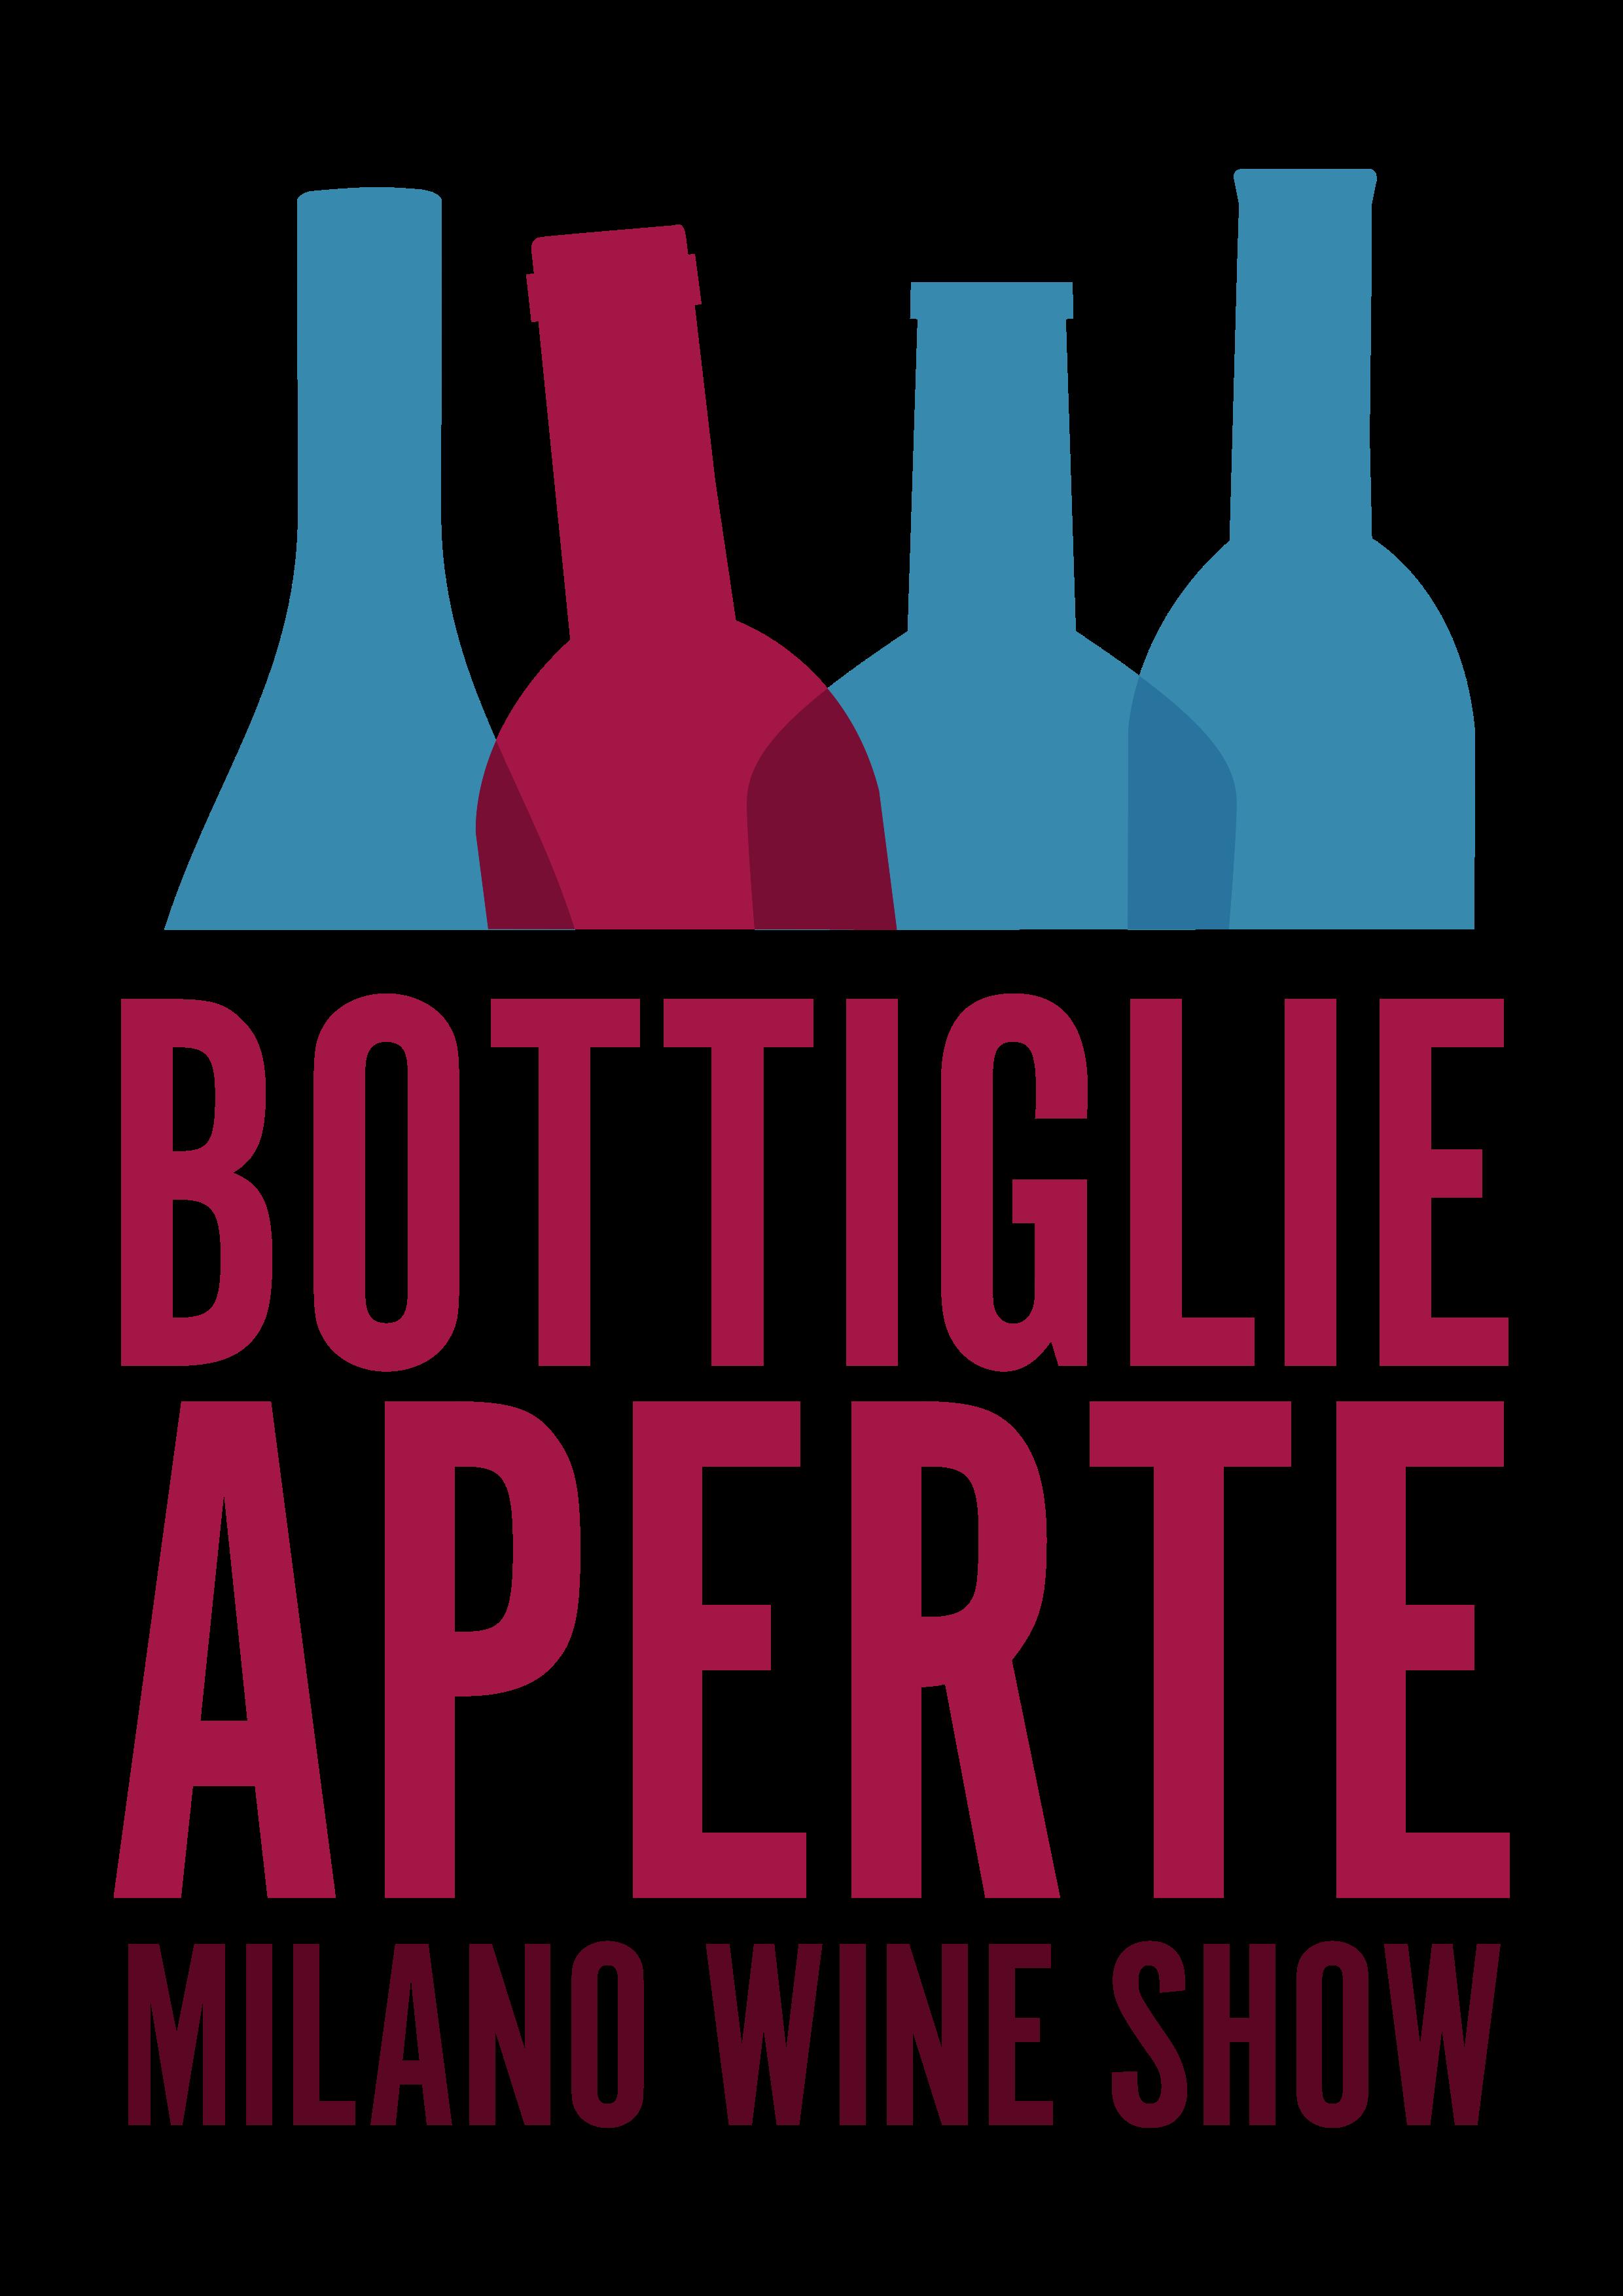 bottiglie aperte milano vino